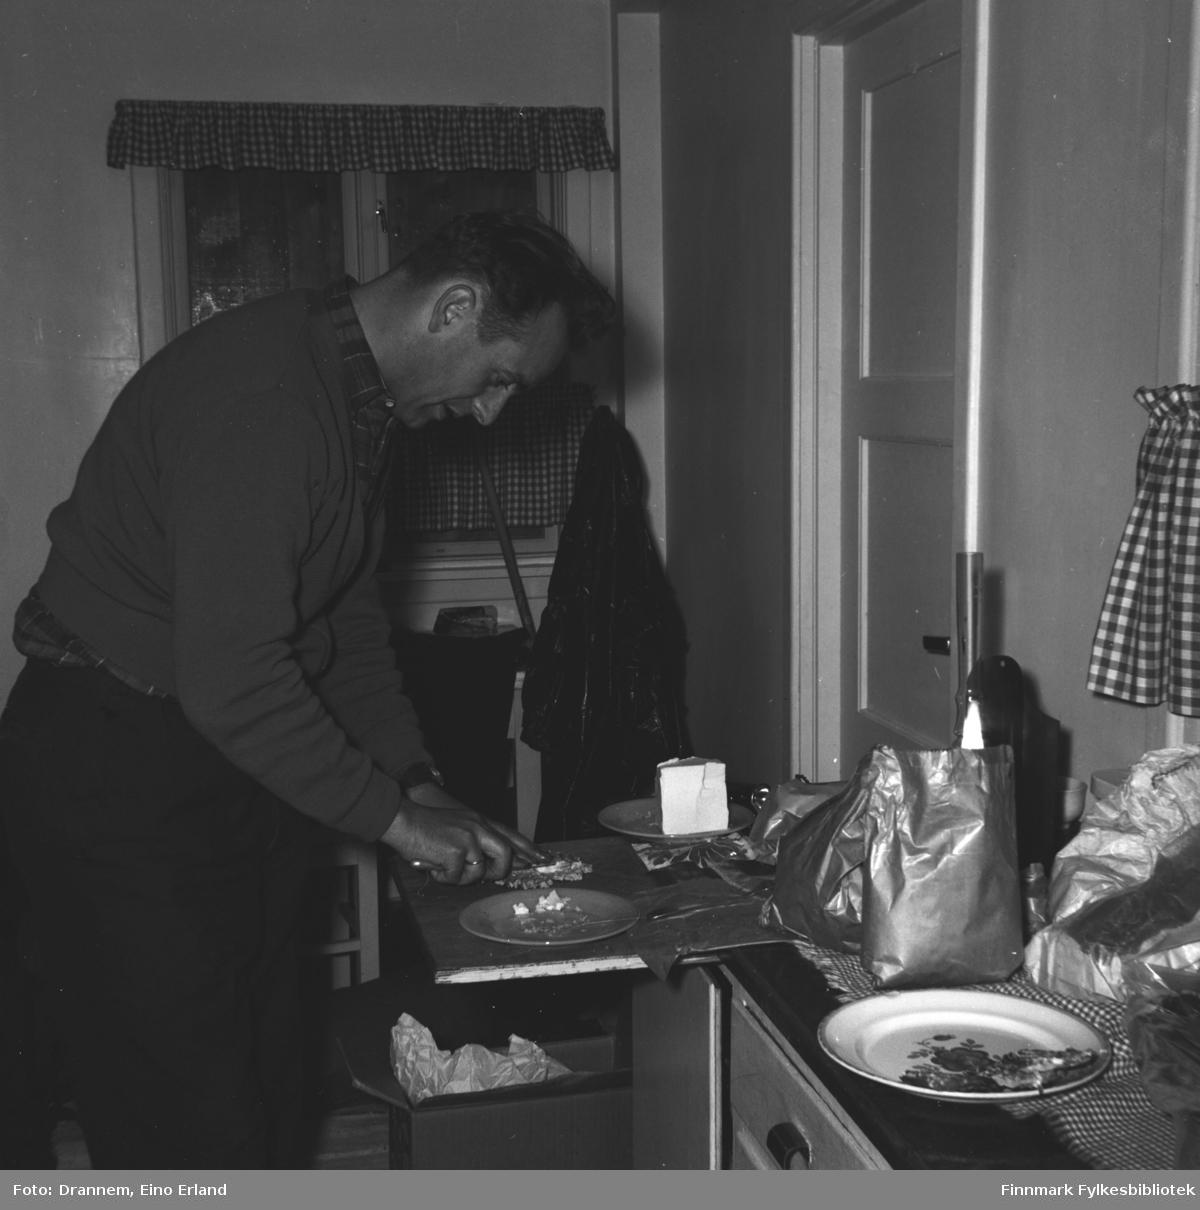 En mann (Jakobsen?)smører brødskviver i kjøkkenet. Bildet er tatt sannsynligvis i Hammerfest